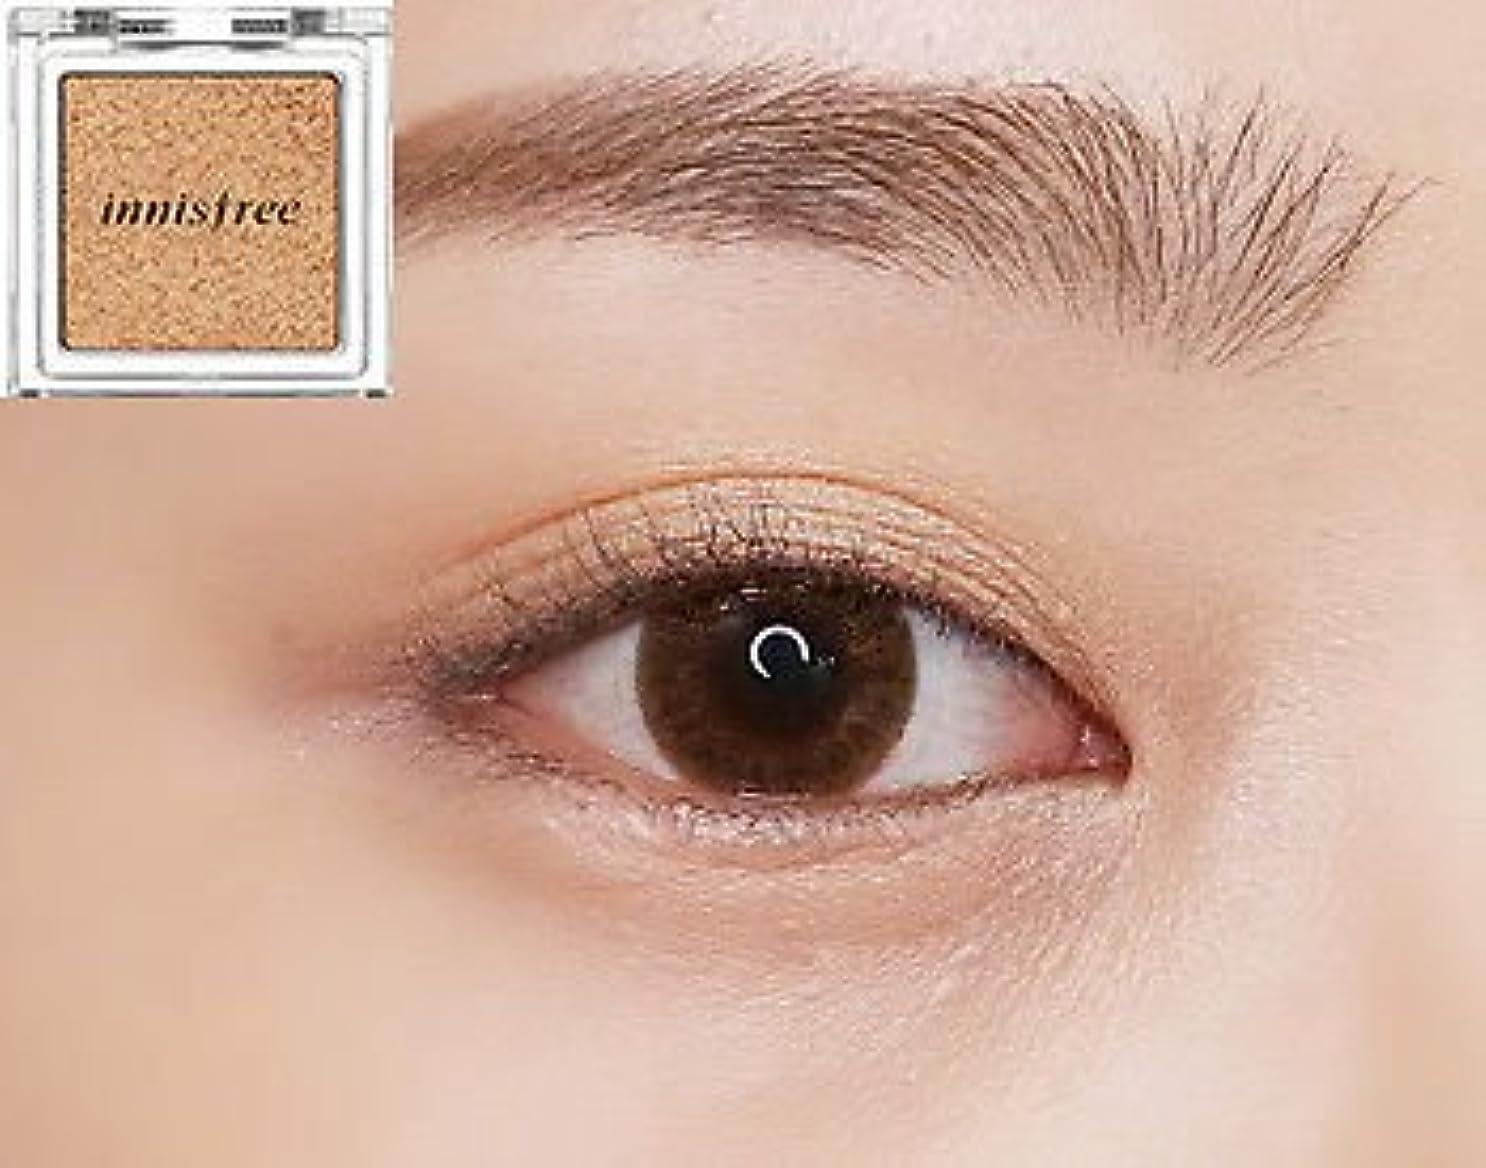 増幅する地理ケント[イニスフリー] innisfree [マイ パレット マイ アイシャドウ (グリッタ一) 25カラー] MY PALETTE My Eyeshadow (Glitter) 25 Shades [海外直送品] (グリッタ一 #01)